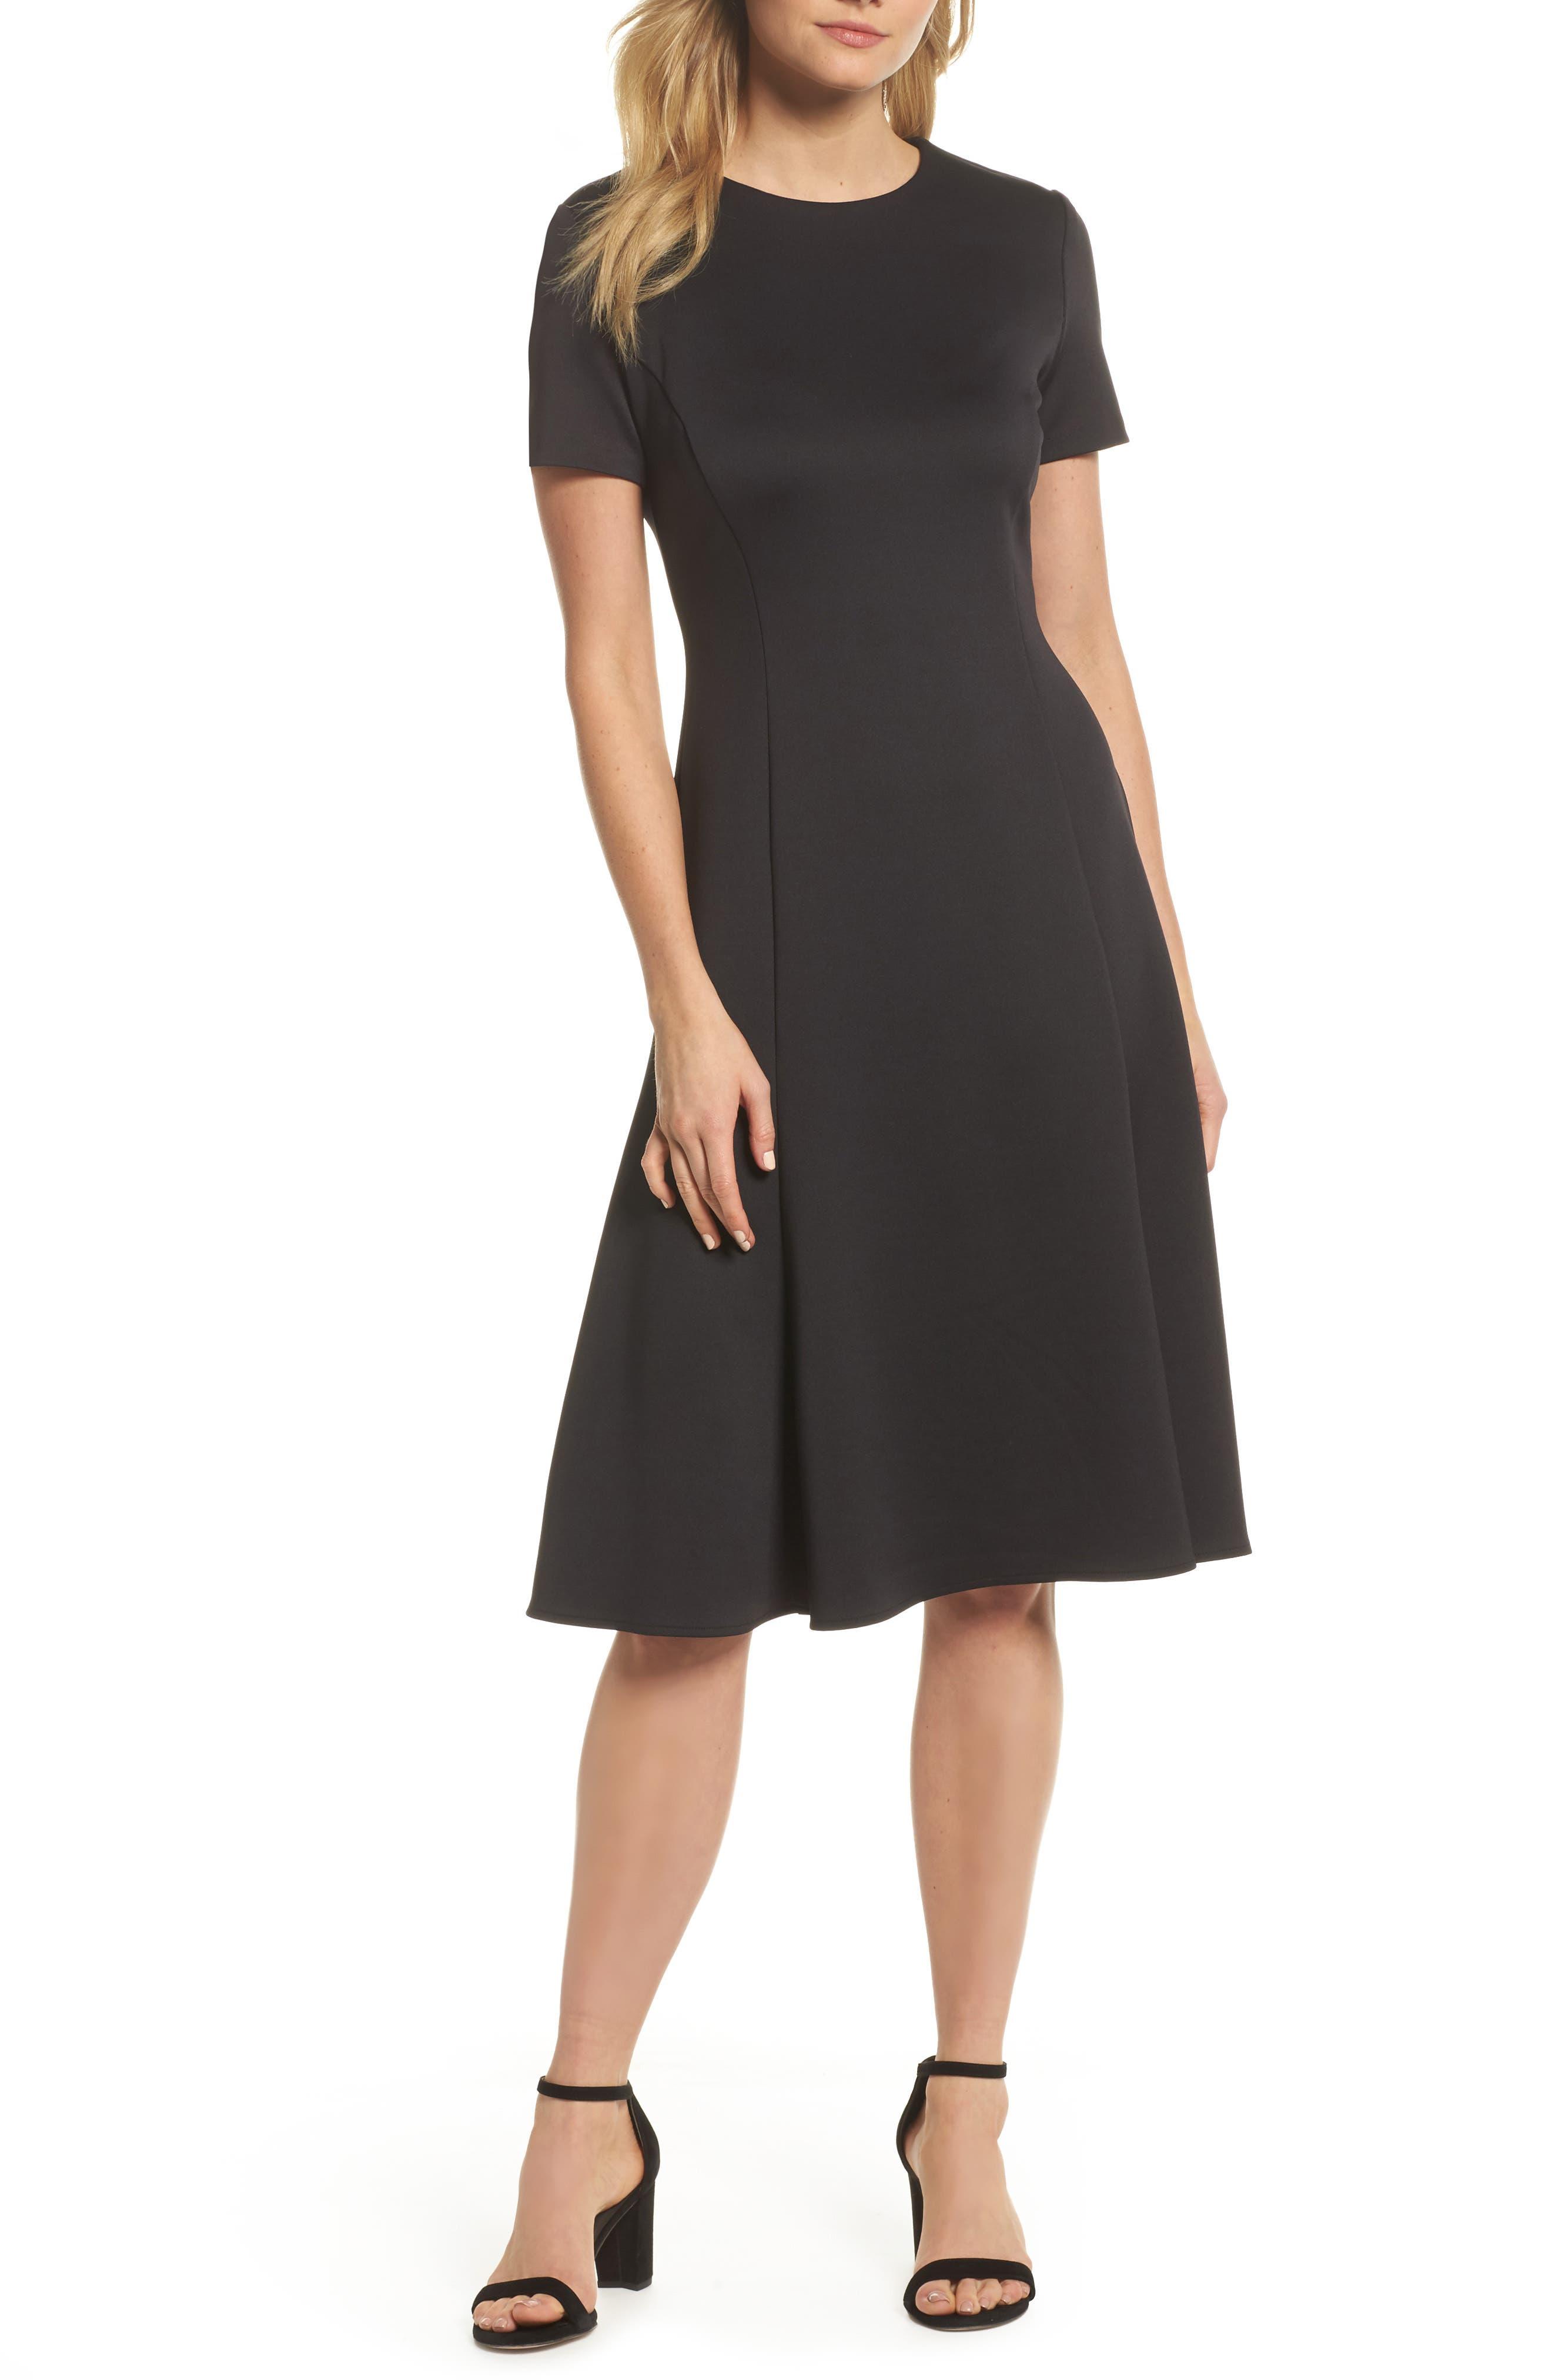 Midi Bell Dress,                             Main thumbnail 1, color,                             BLACK